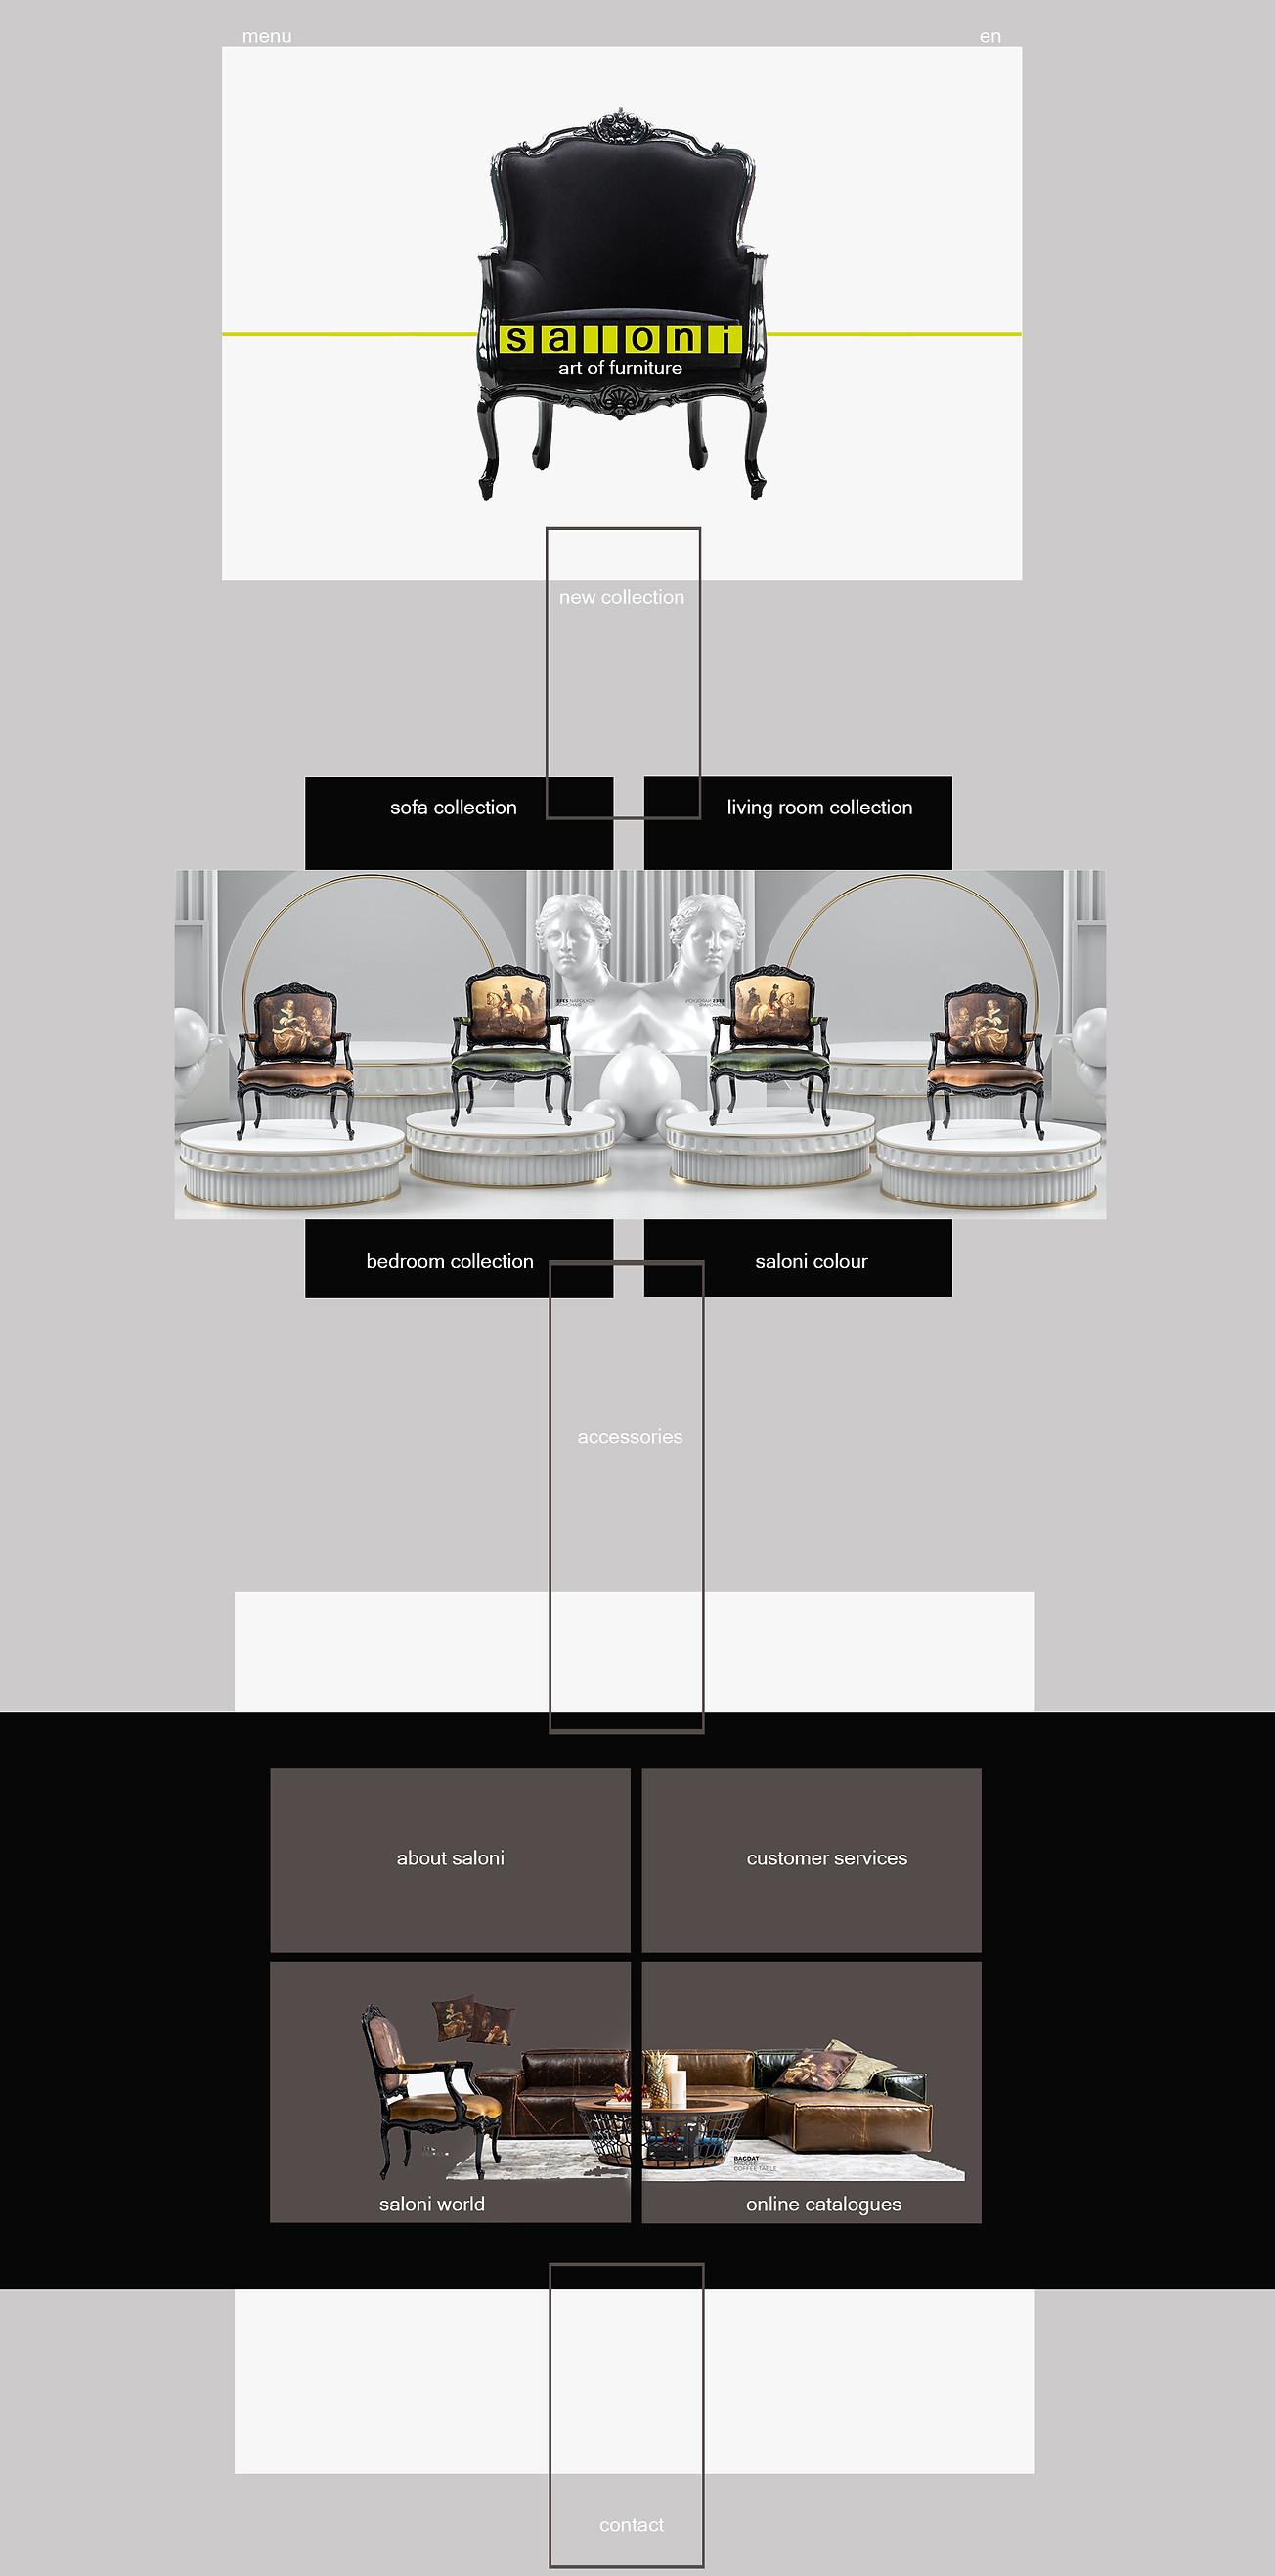 saloni 4.jpg